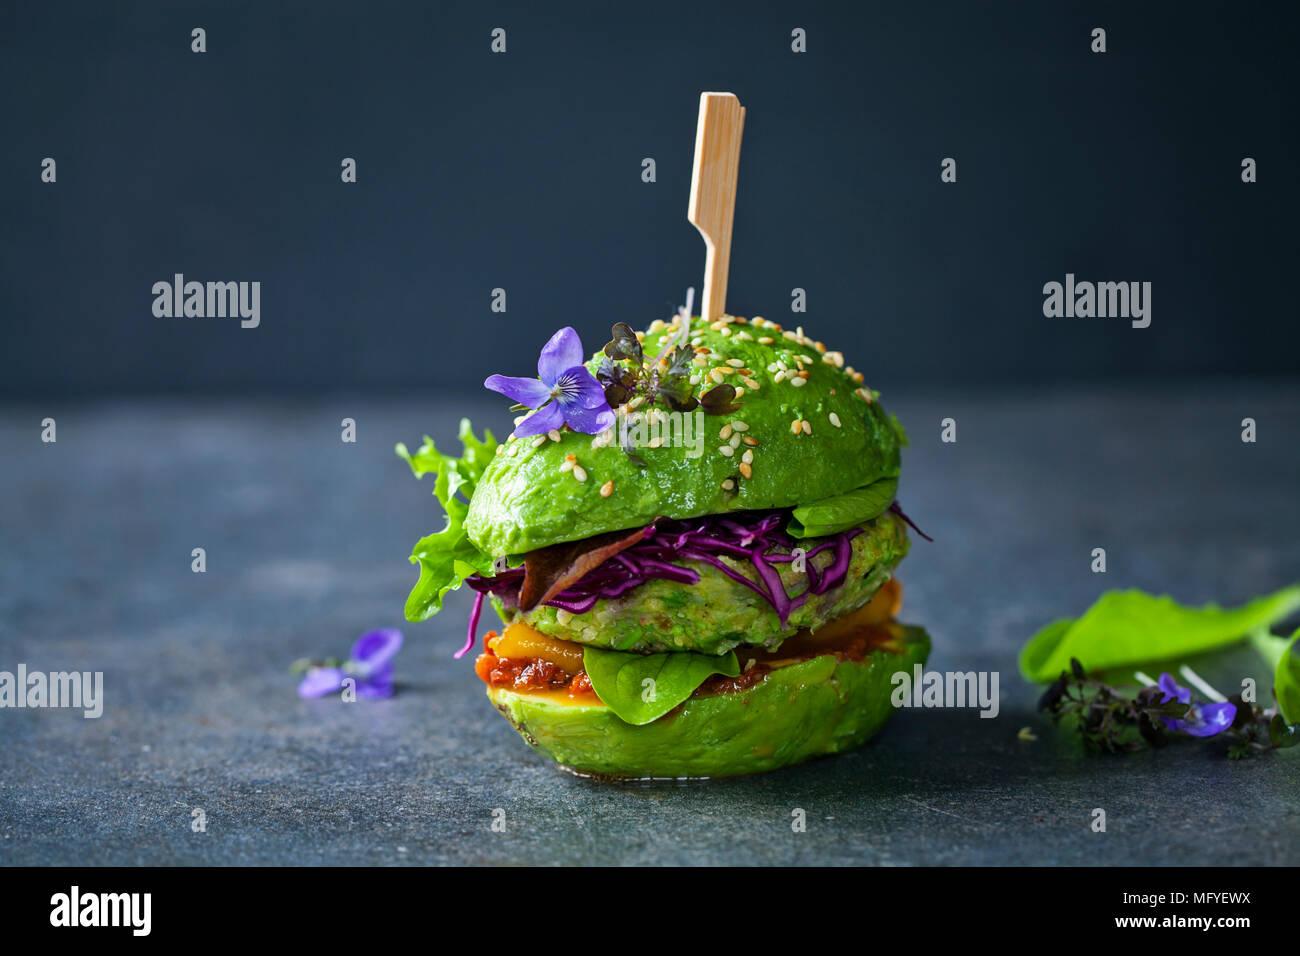 Sándwich de aguacate con verde asado, hamburguesas vegetarianas y pimiento amarillo encurtido de repollo rojo Imagen De Stock